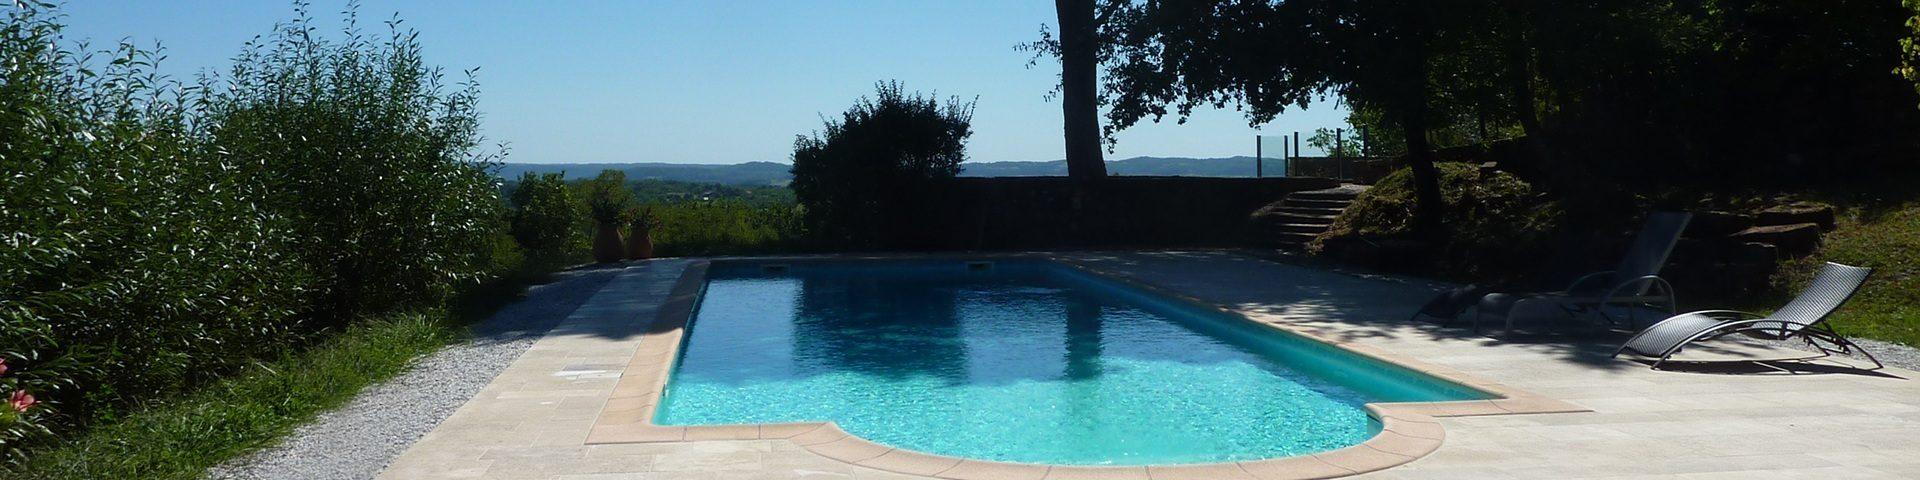 Piscine et bains de soleil au château de Marsac